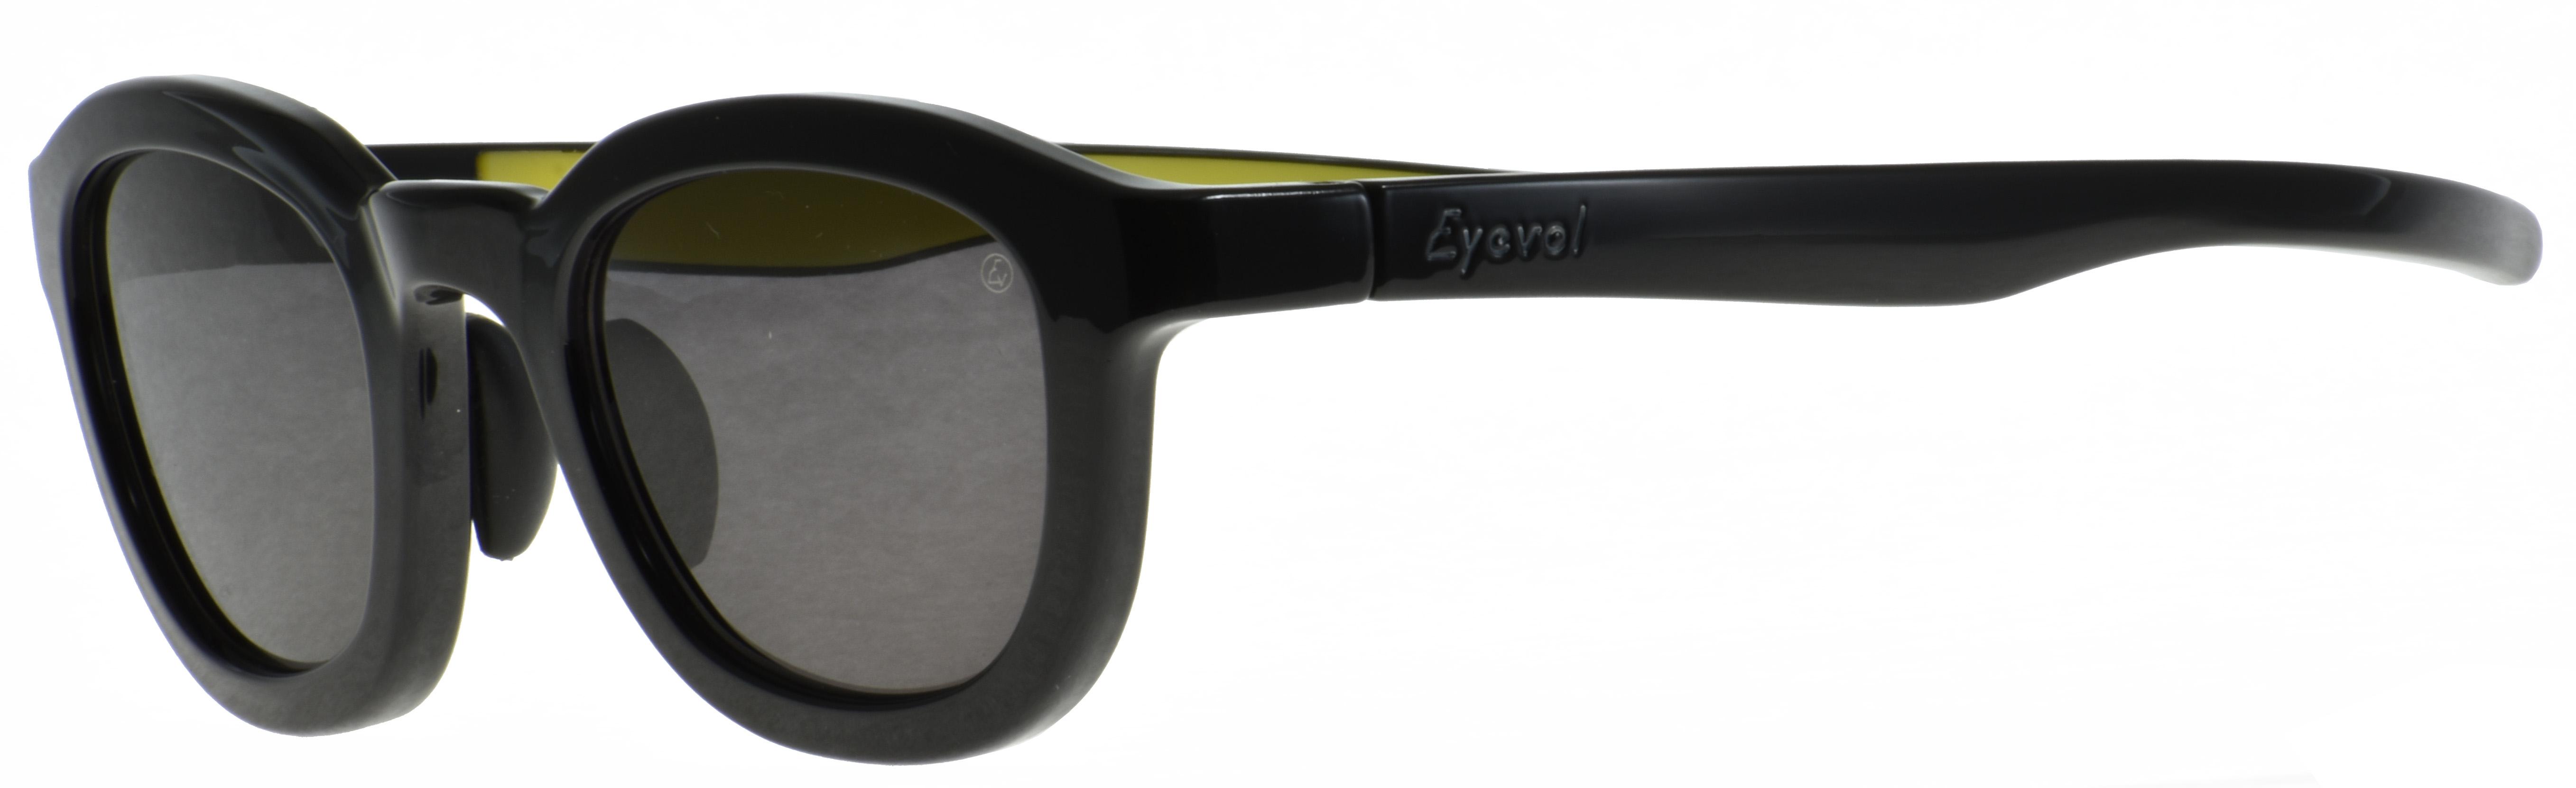 Eyevol RYS 2 48 BK-LY-PL-BK PL ¥22,000 02